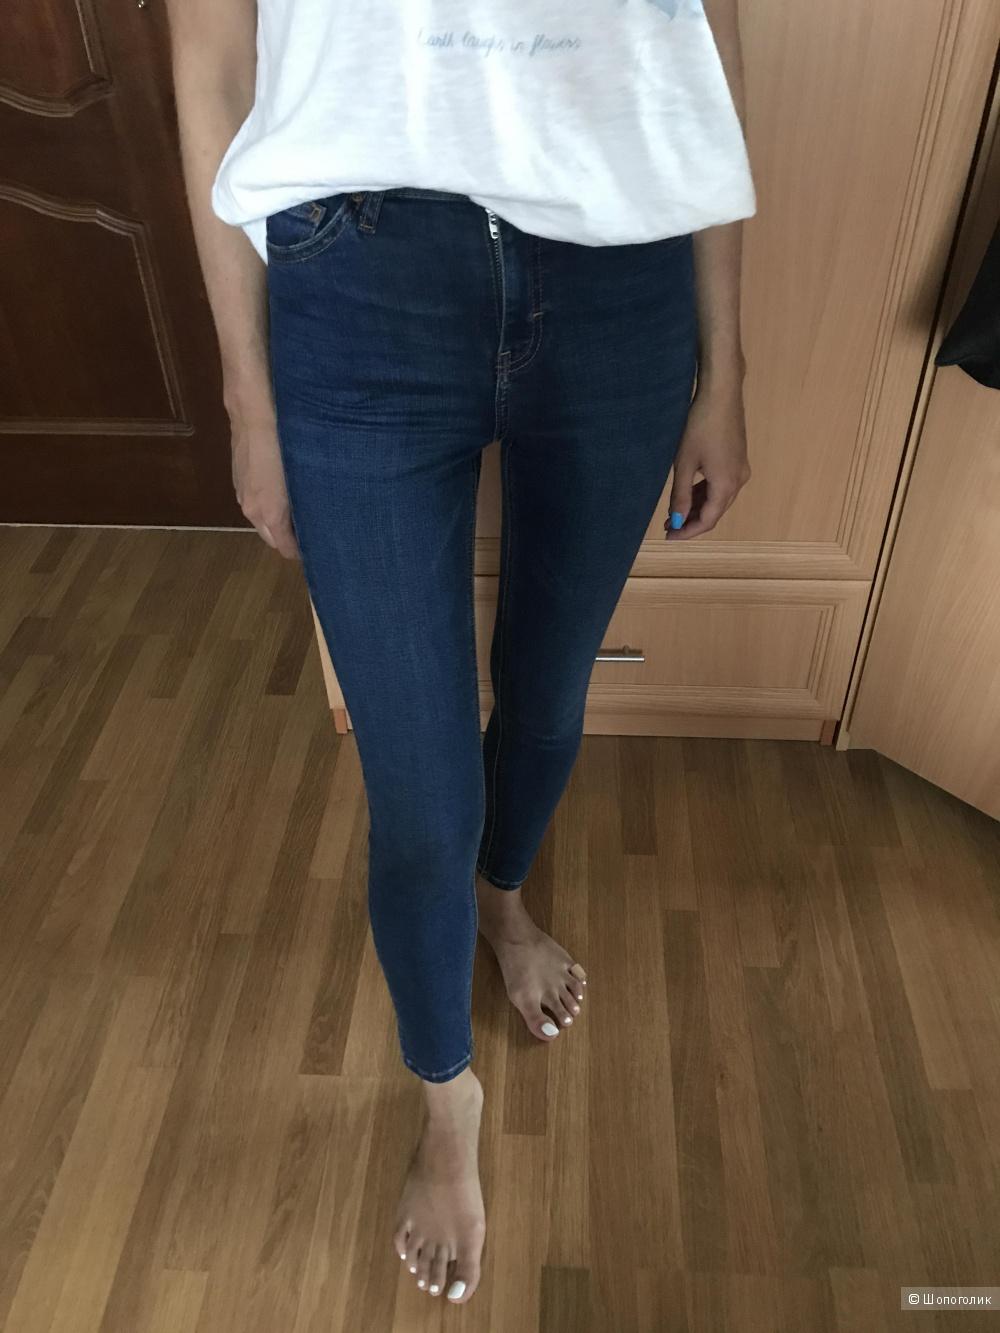 Узкие джинсы Topshop в 24 размере, модель Jamie, цвет indigo